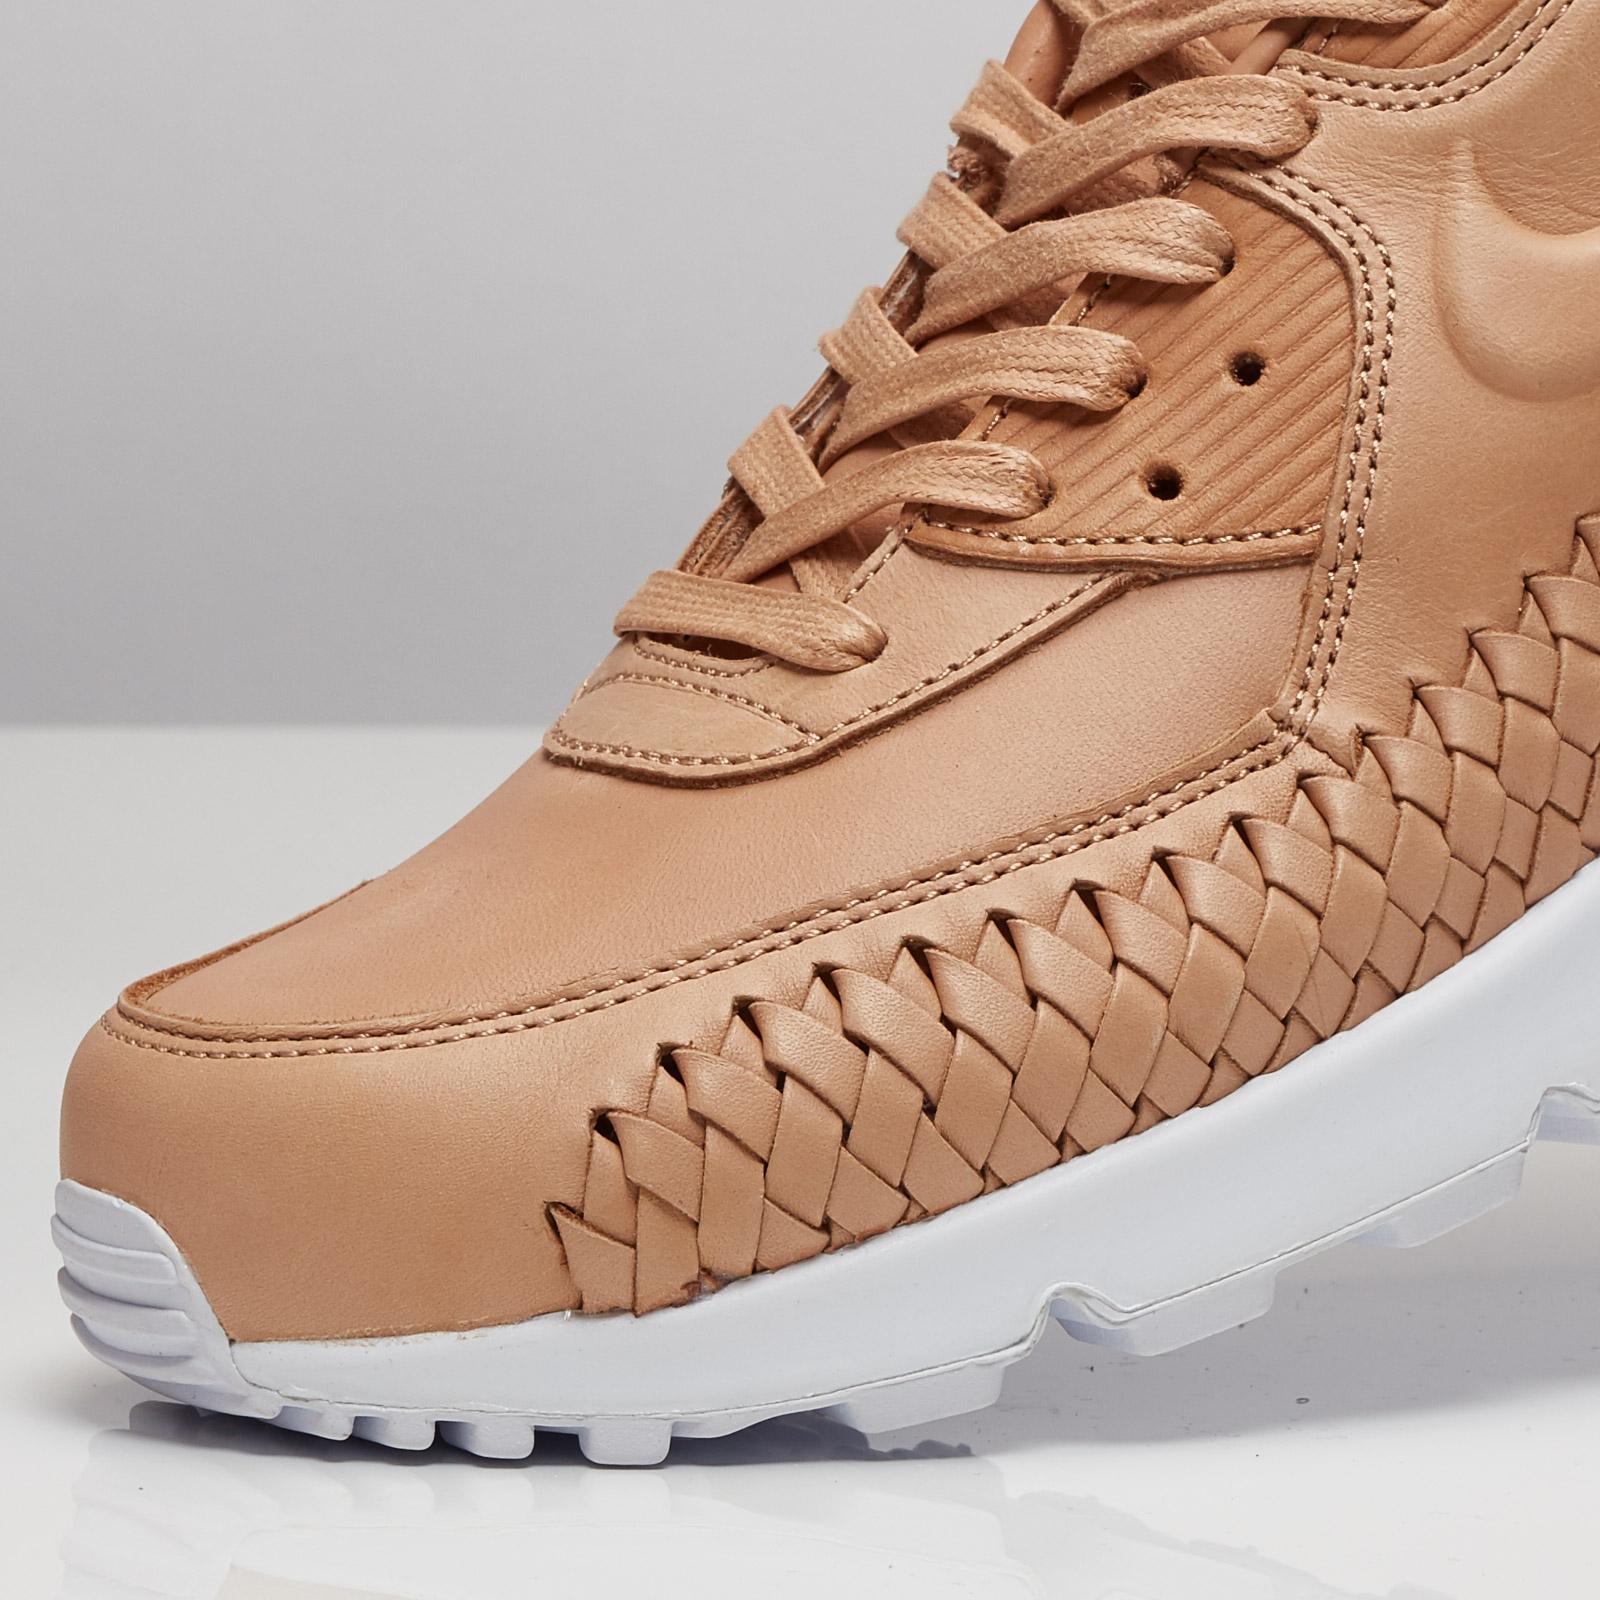 promo code 6ae32 79c48 Nike Air Max 90 Woven - 833129-200 - Sneakersnstuff   sneakers   streetwear  online since 1999